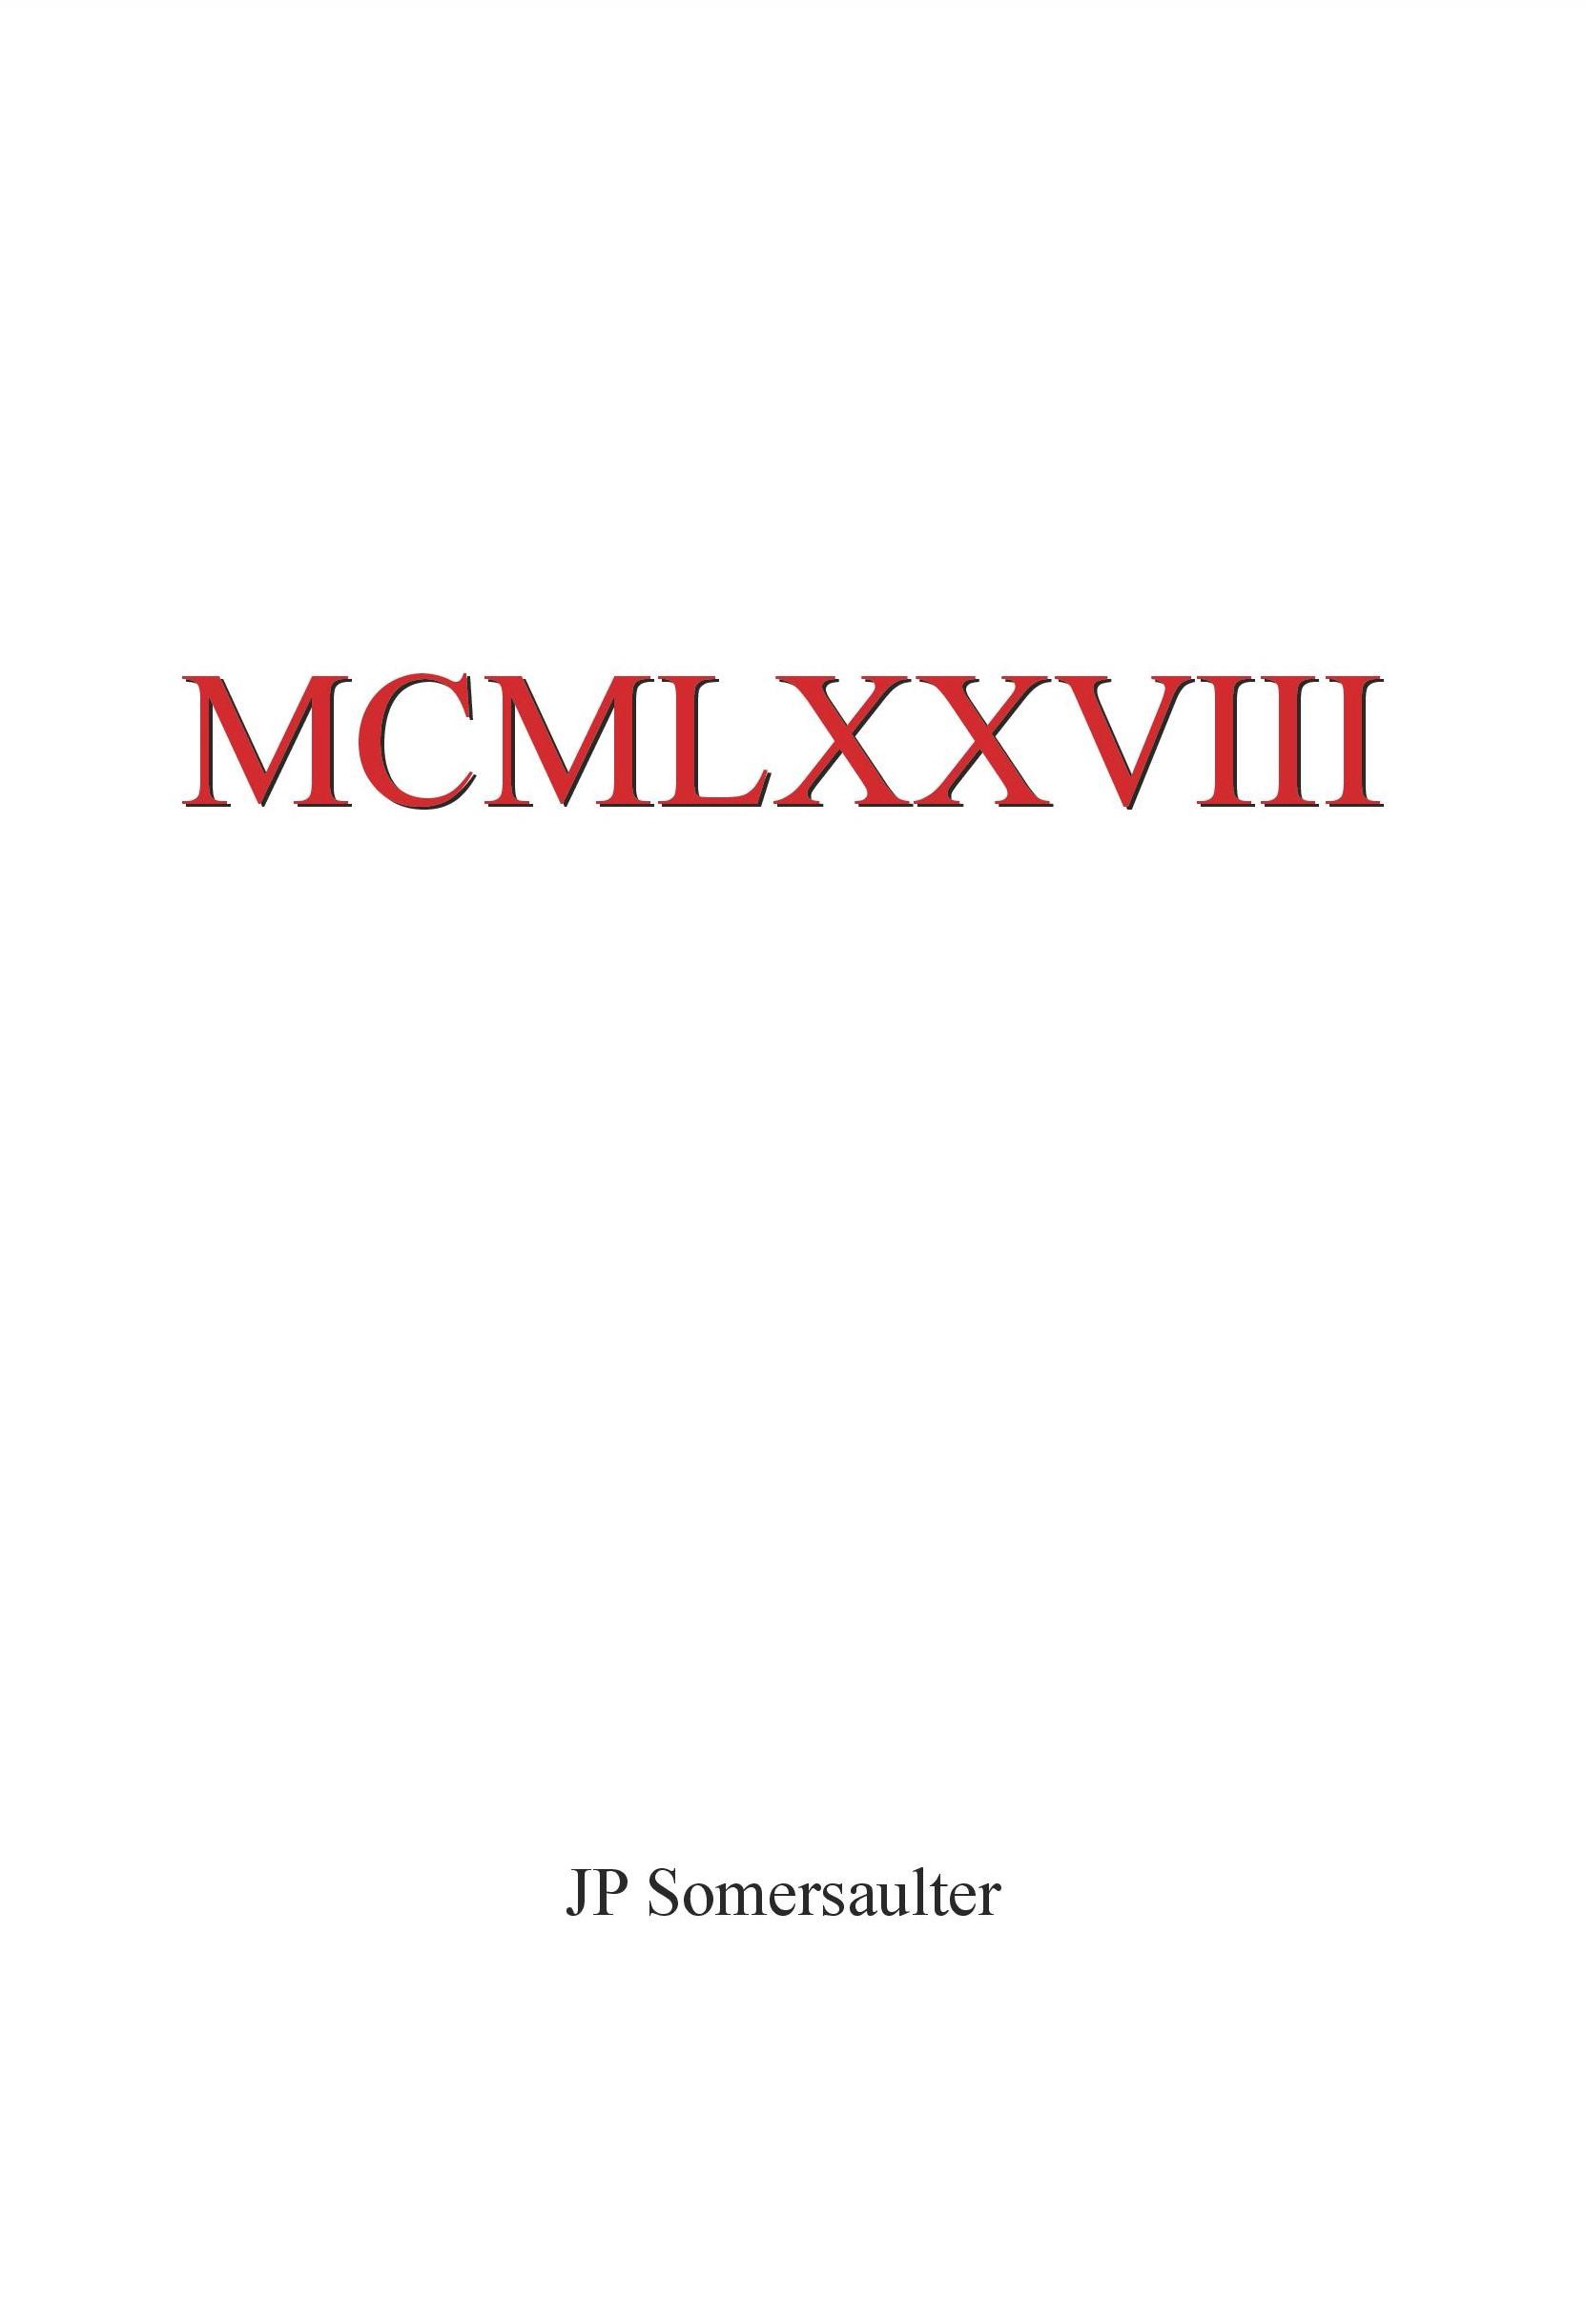 MCMLXXVIII